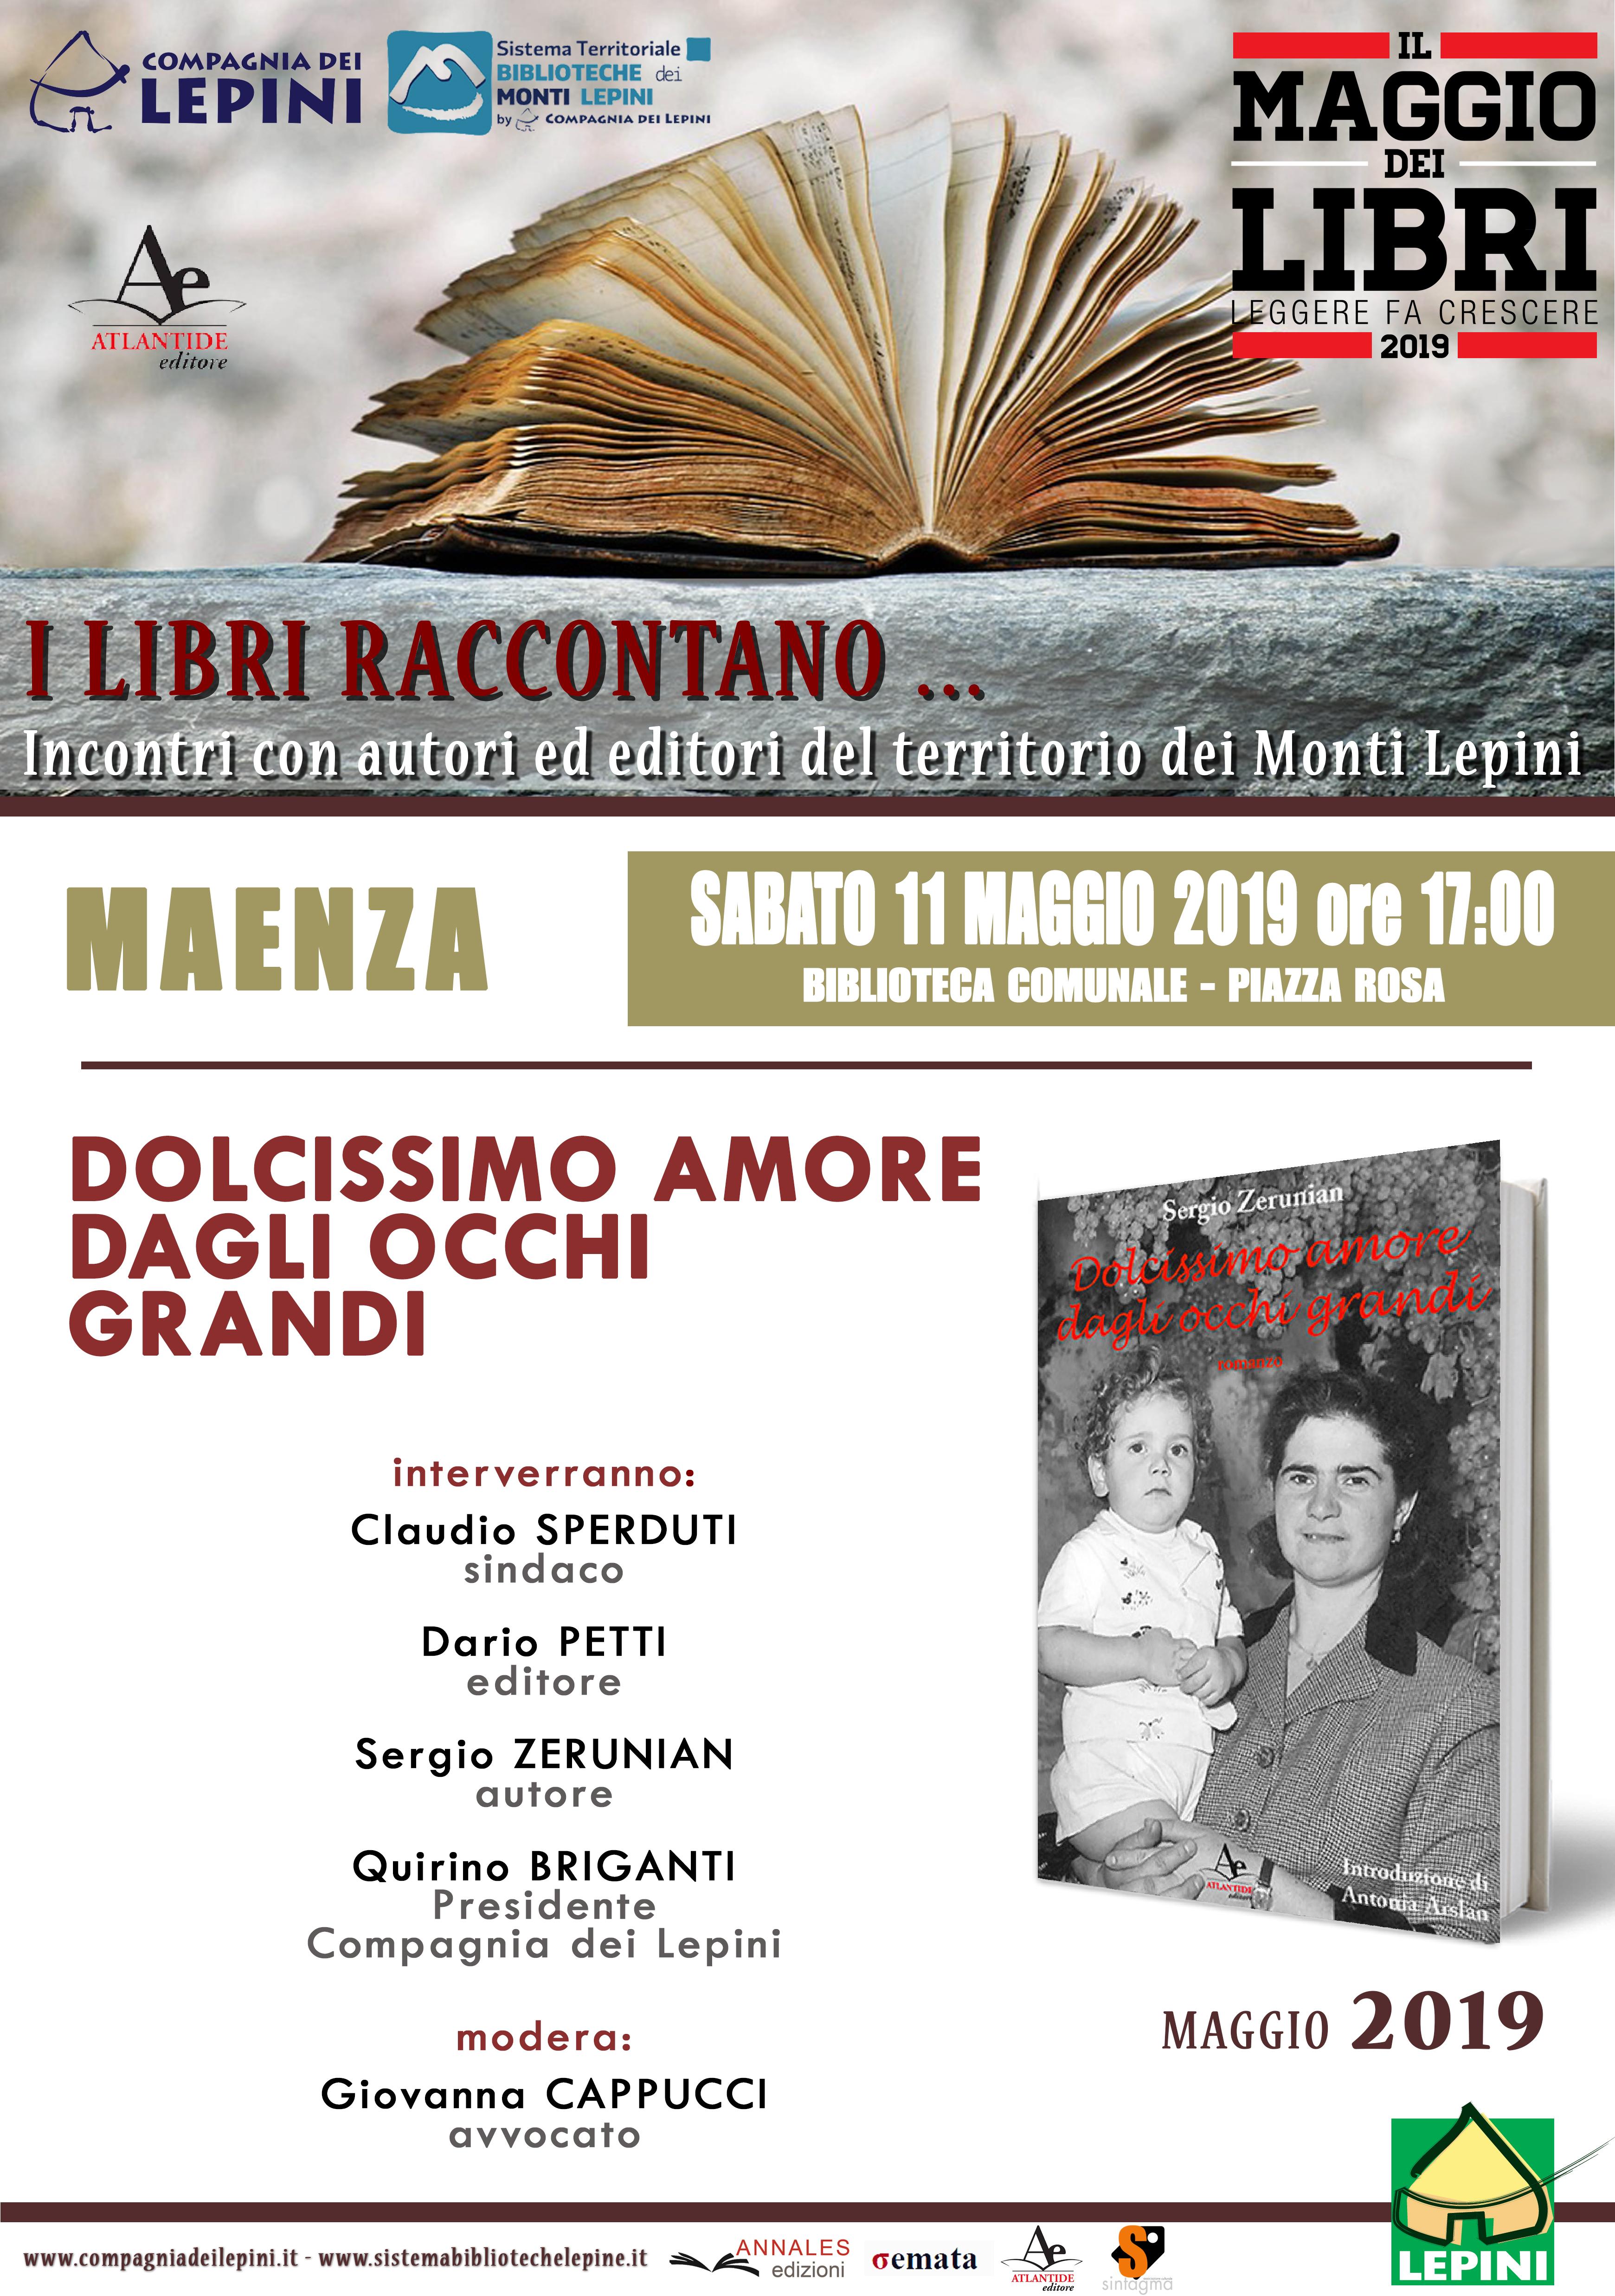 Maenza, Il maggio dei libri: Dolcissimo amore dagli occhi grandi @ Biblioteca comunale - piazza rosa | Maenza | Lazio | Italia